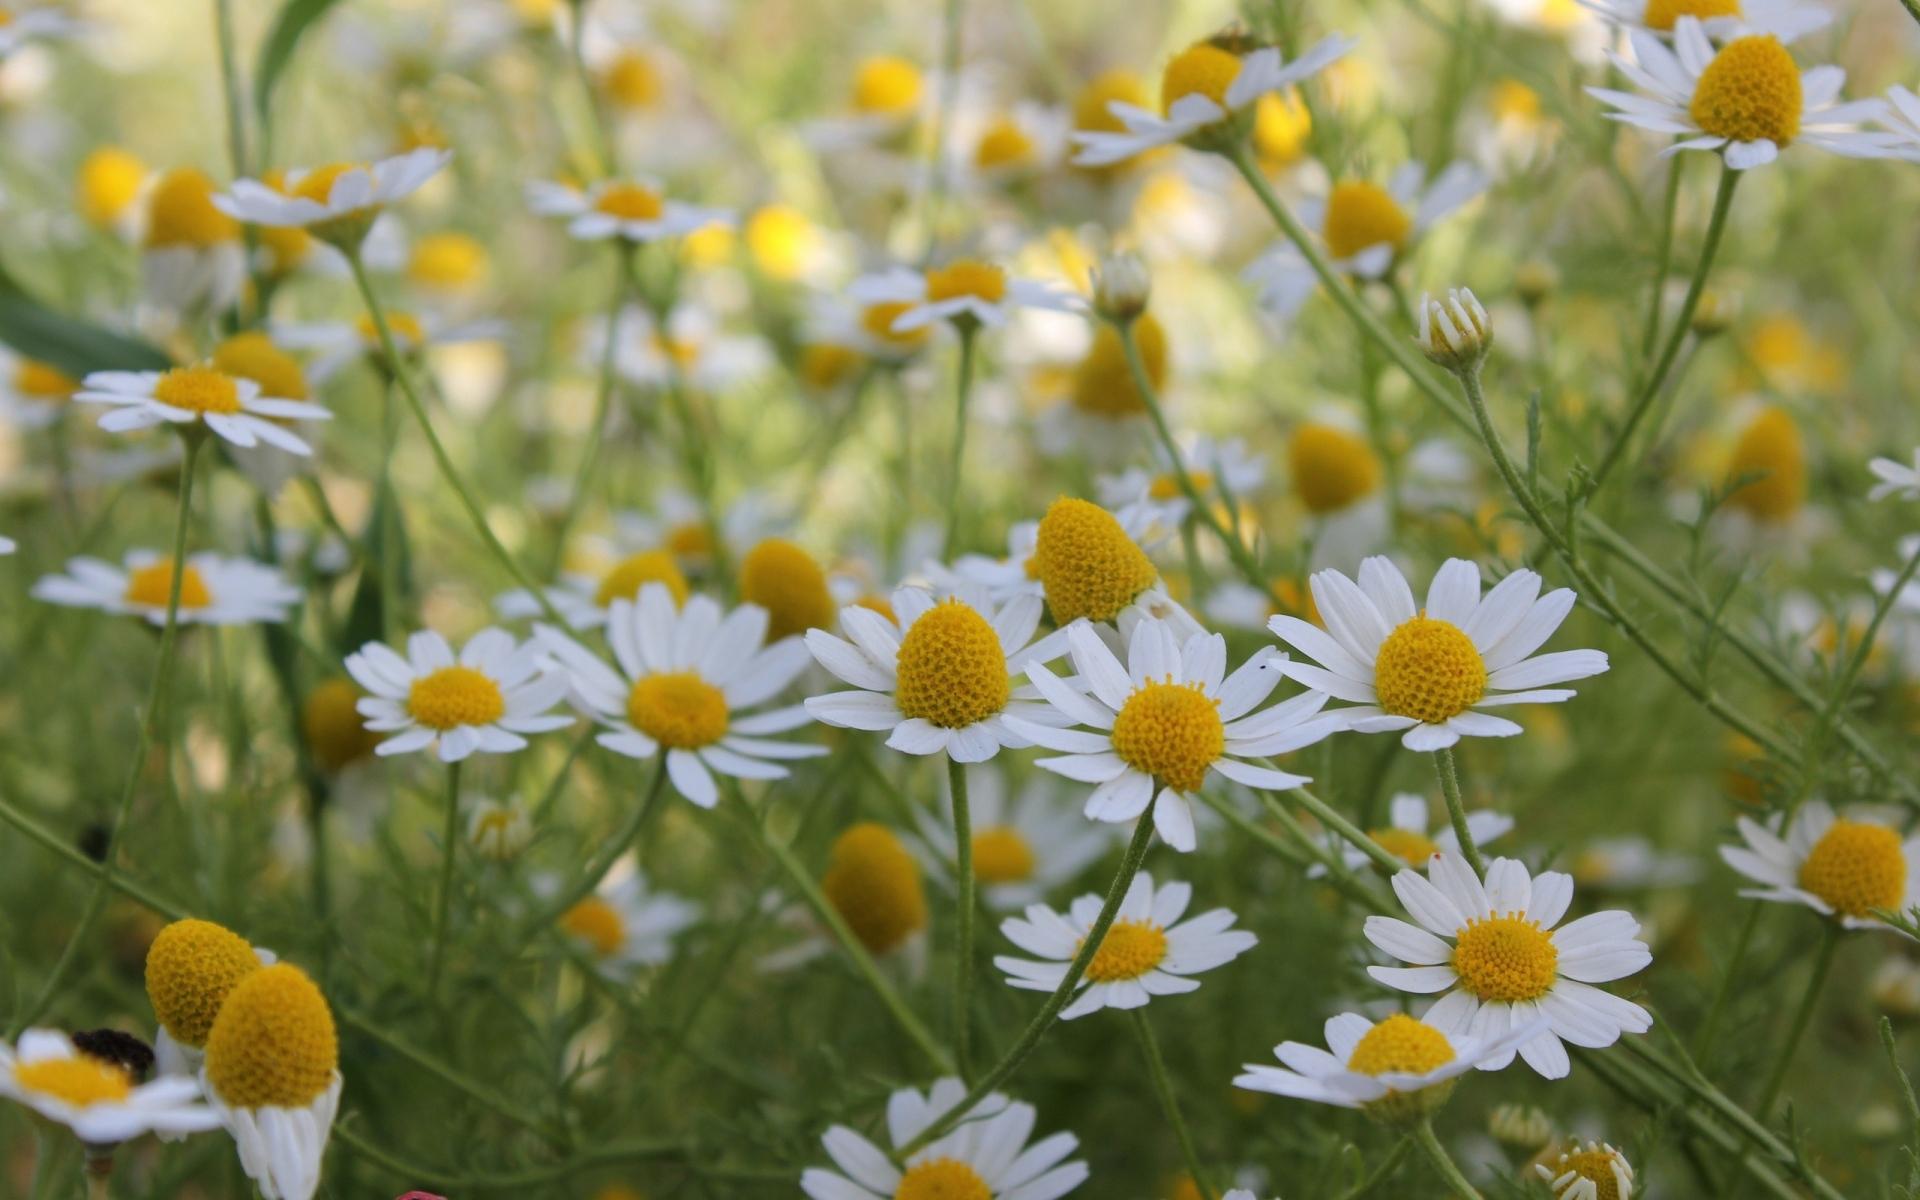 фотообои на рабочий стол лето цветы будет отбывать